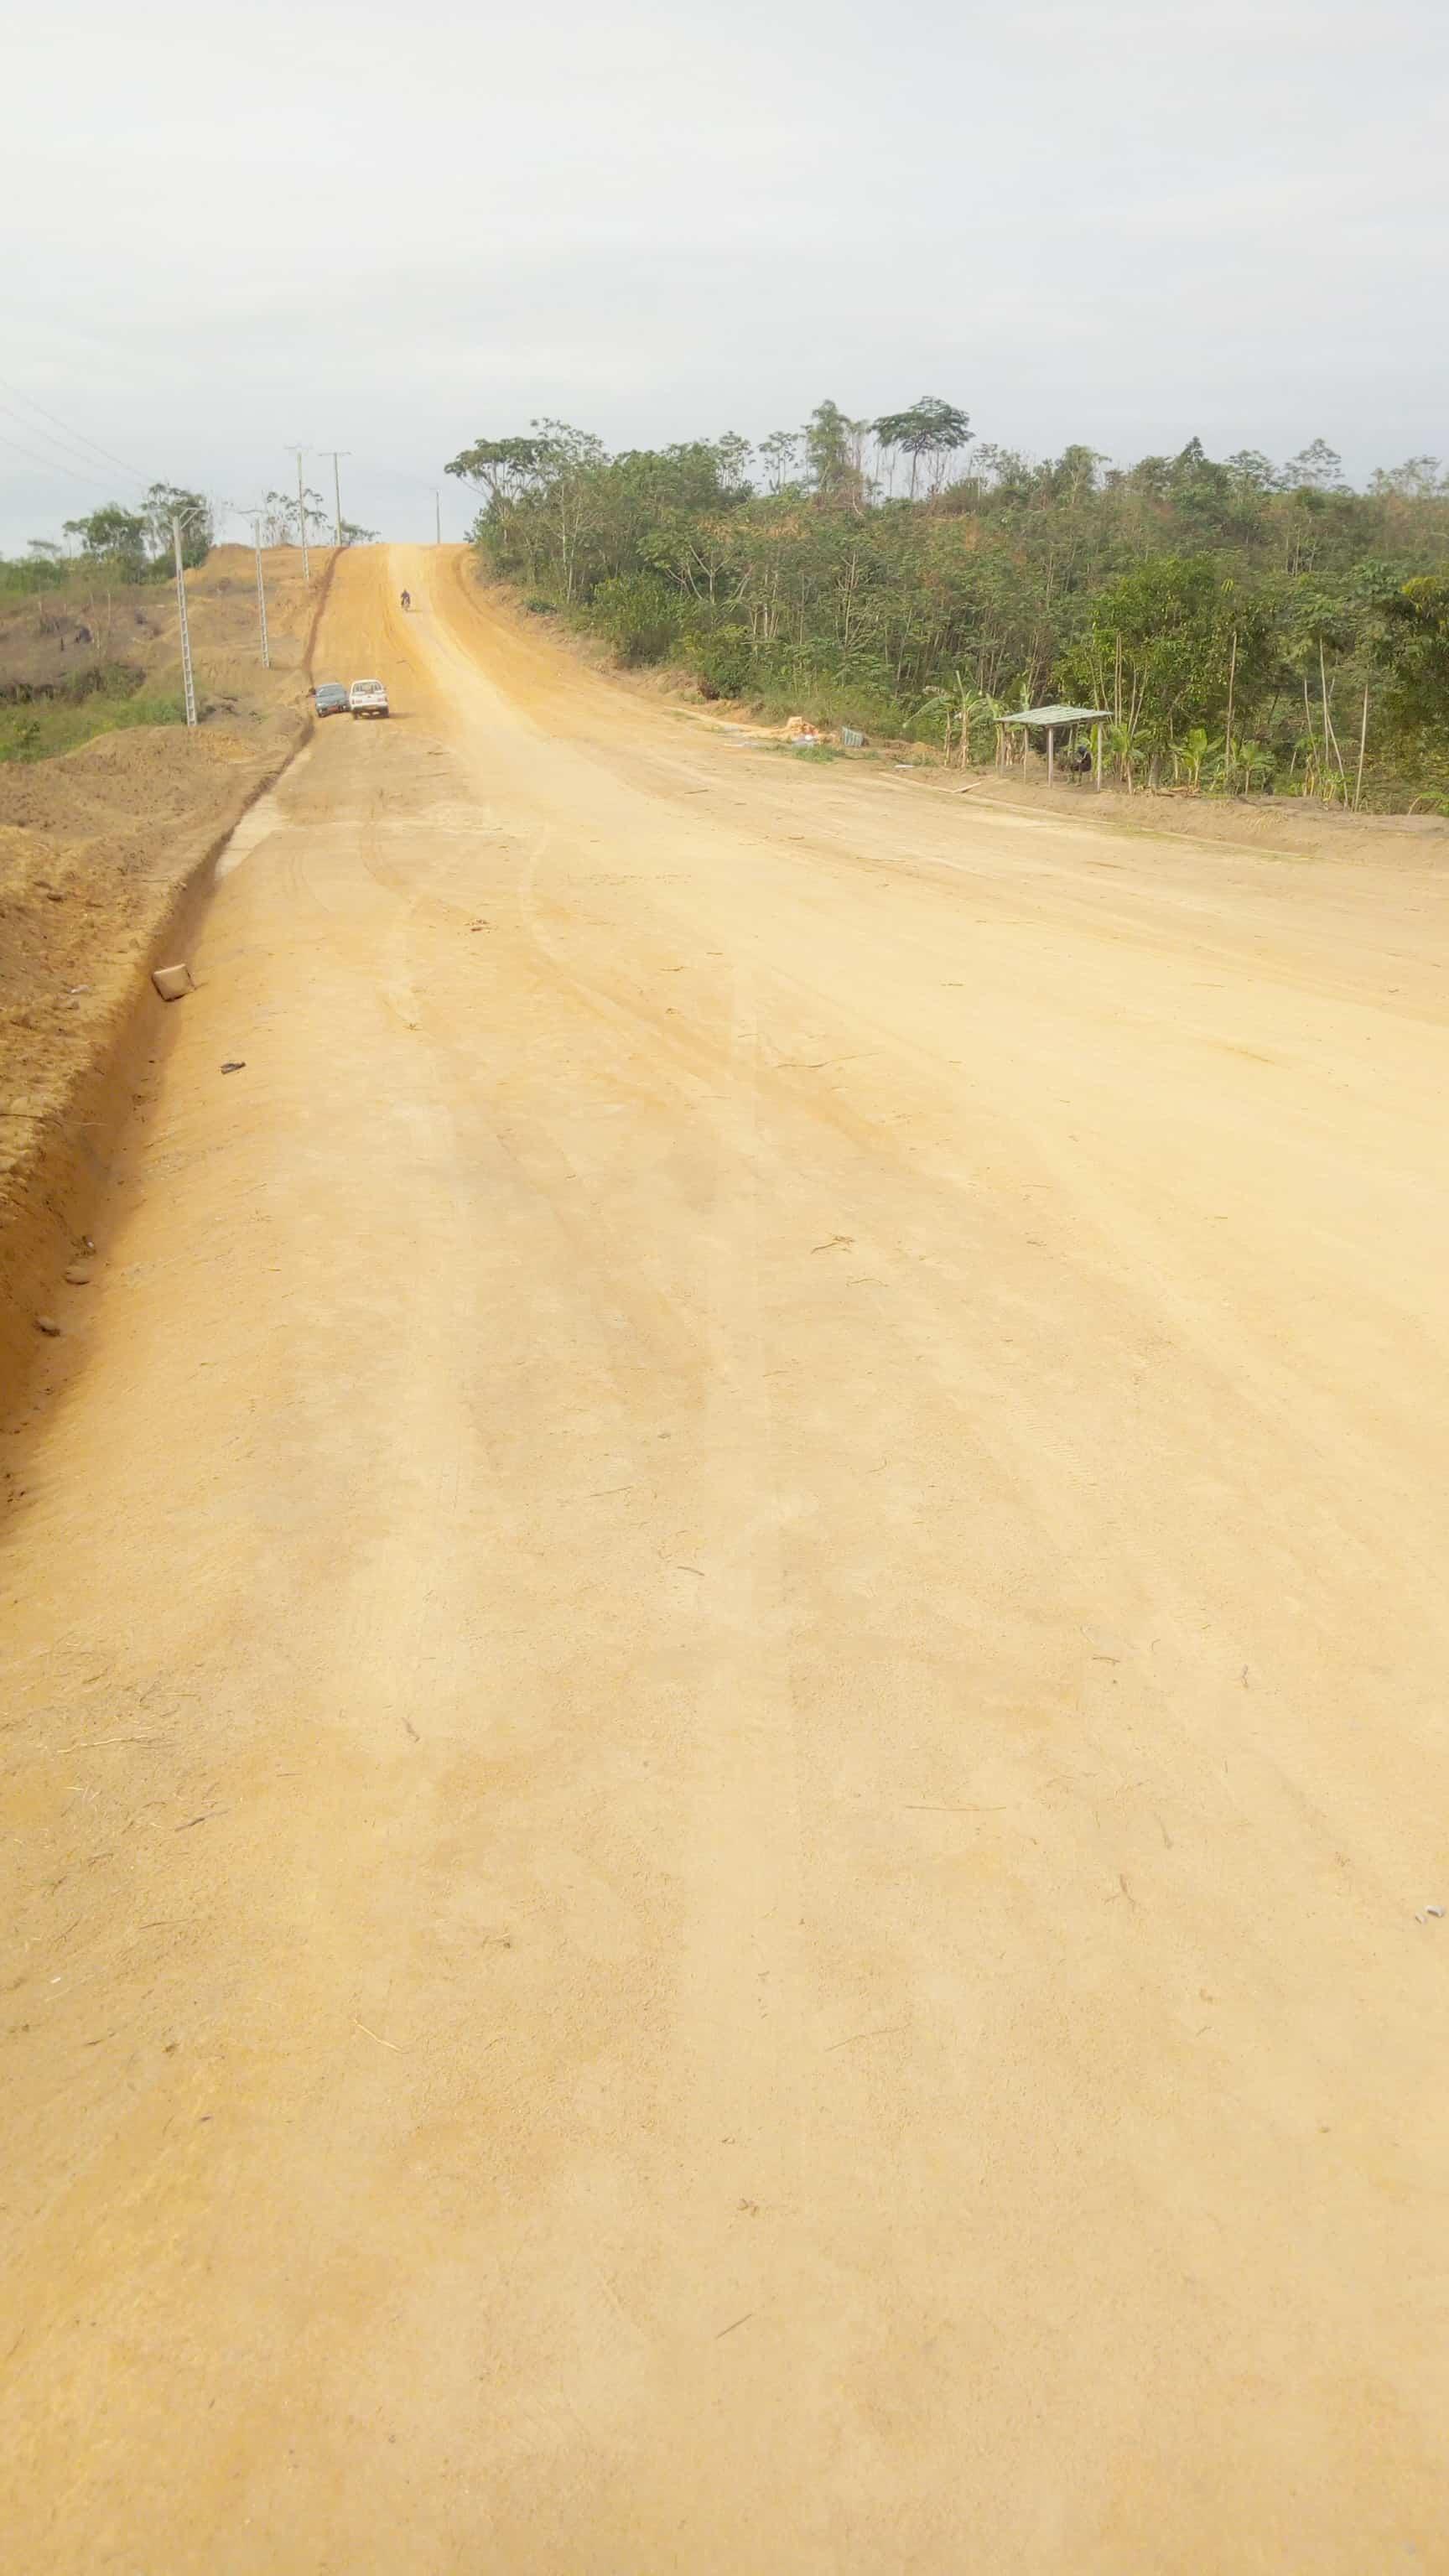 Land for sale at Douala, Lendi, Lendi, quartier général - 2000 m2 - 50 000 000 FCFA